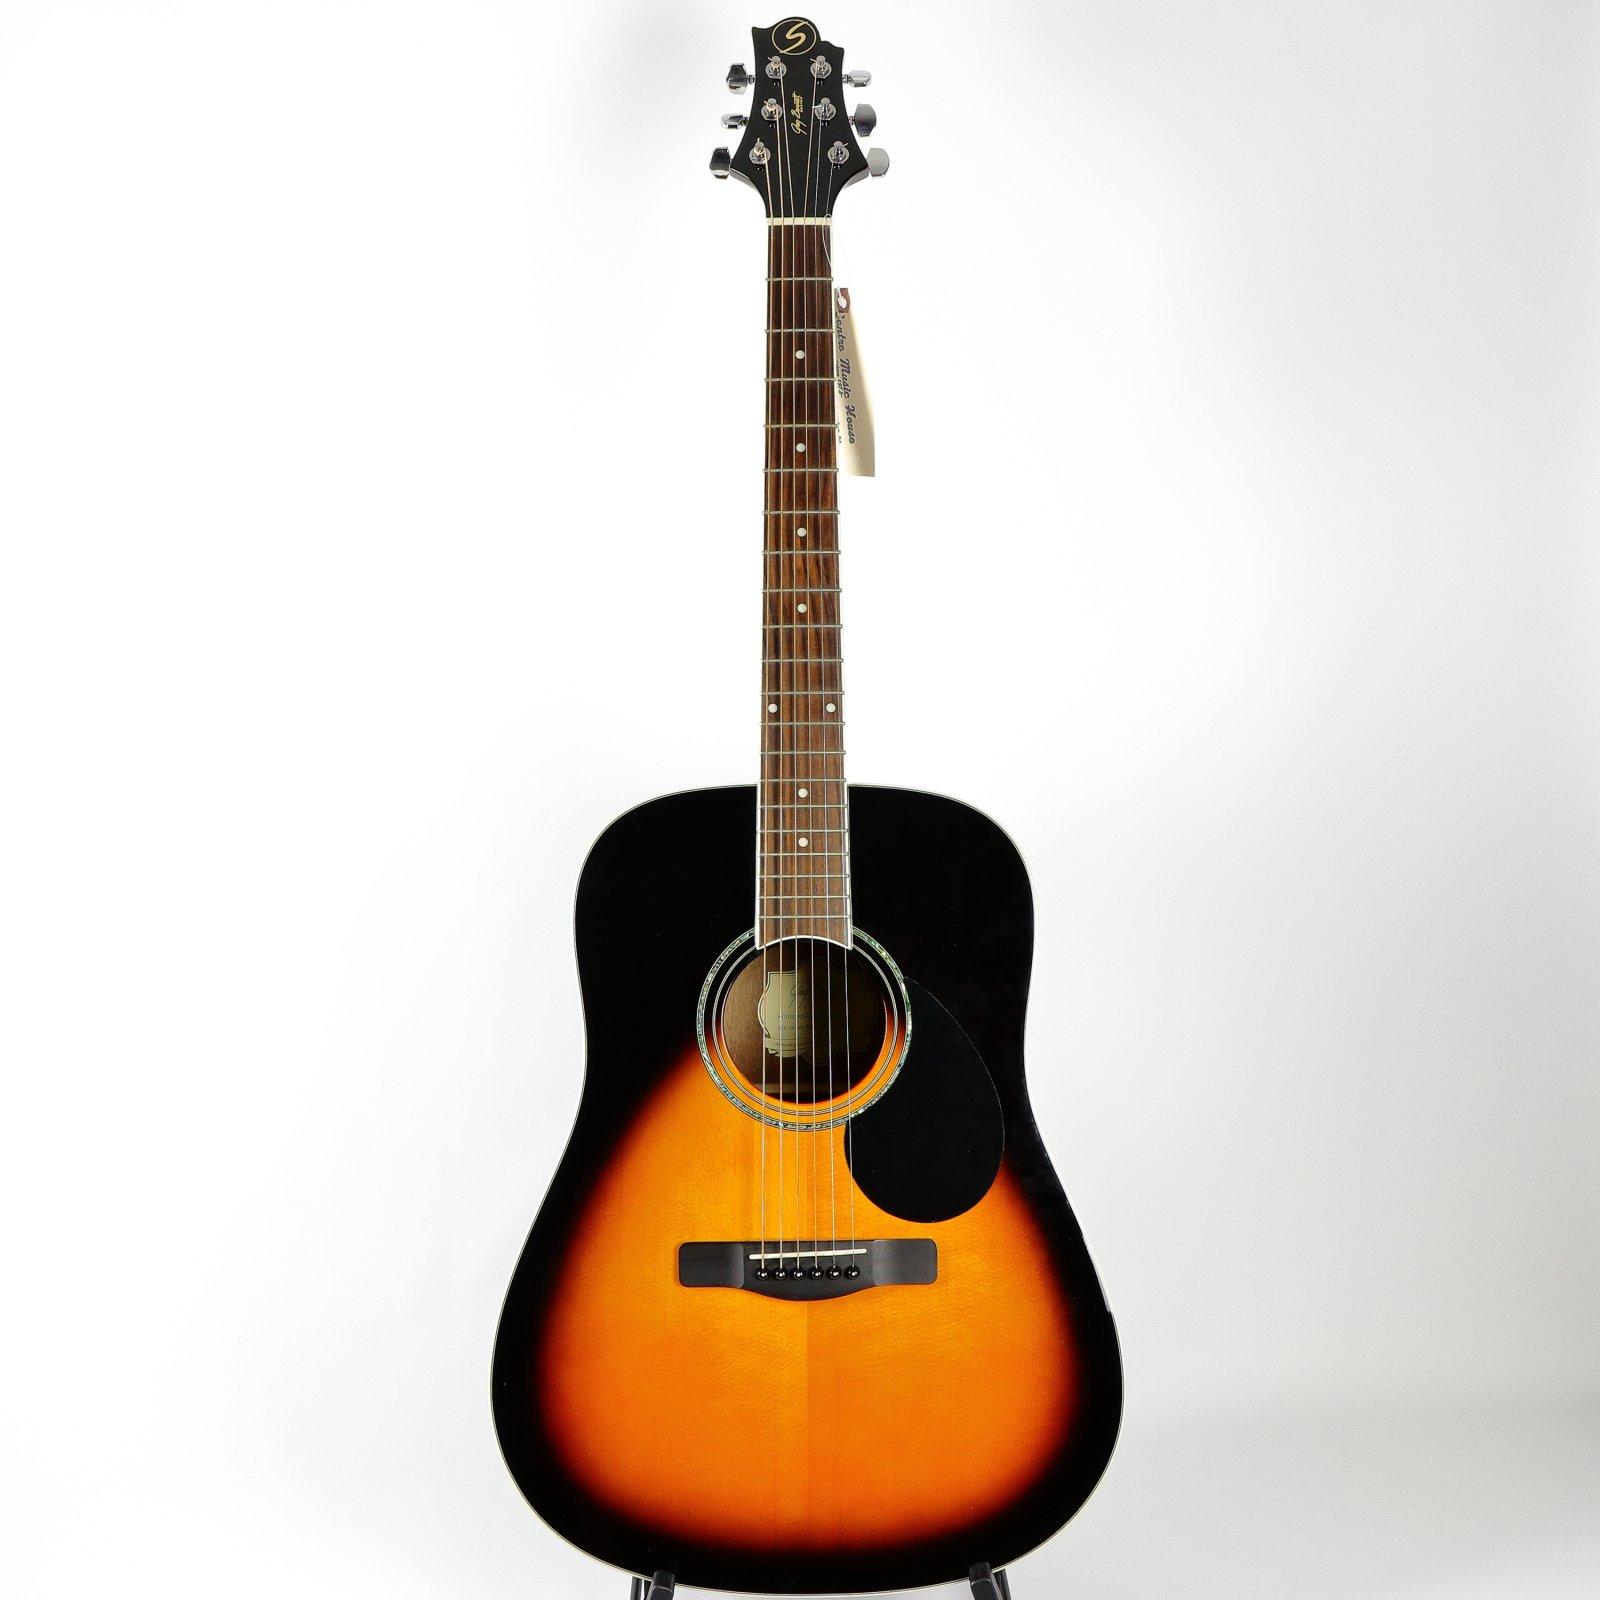 Greg Bennett GD-100S/VS Acoustic Guitar, Vintage Sunburst (USED)